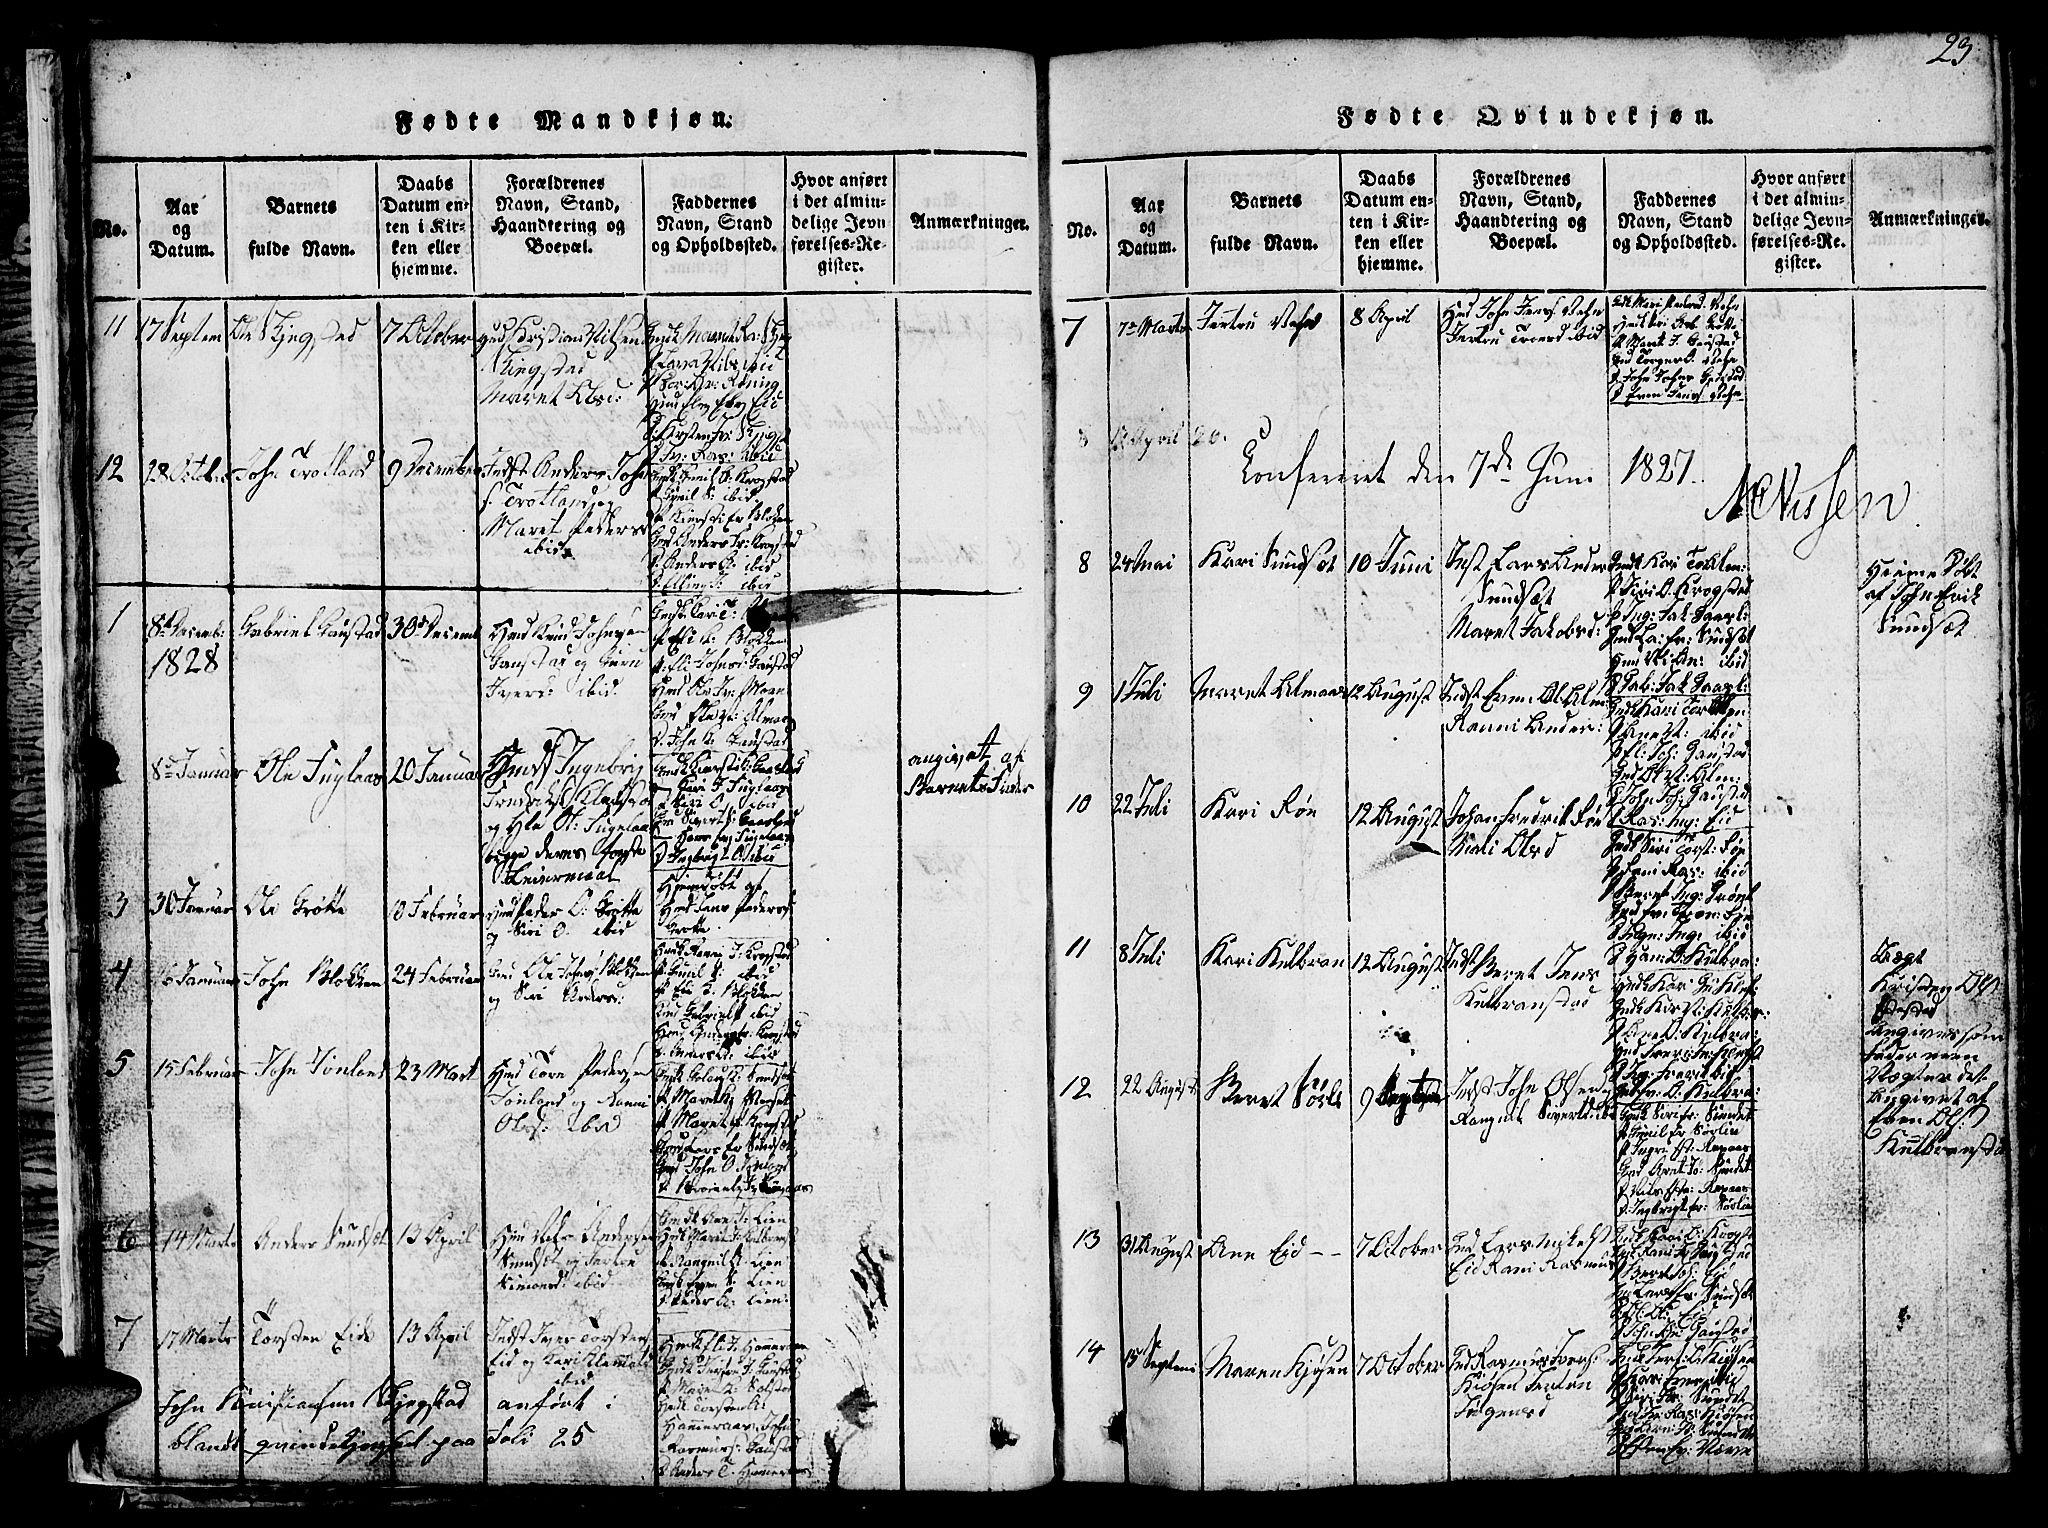 SAT, Ministerialprotokoller, klokkerbøker og fødselsregistre - Sør-Trøndelag, 694/L1130: Klokkerbok nr. 694C02, 1816-1857, s. 23